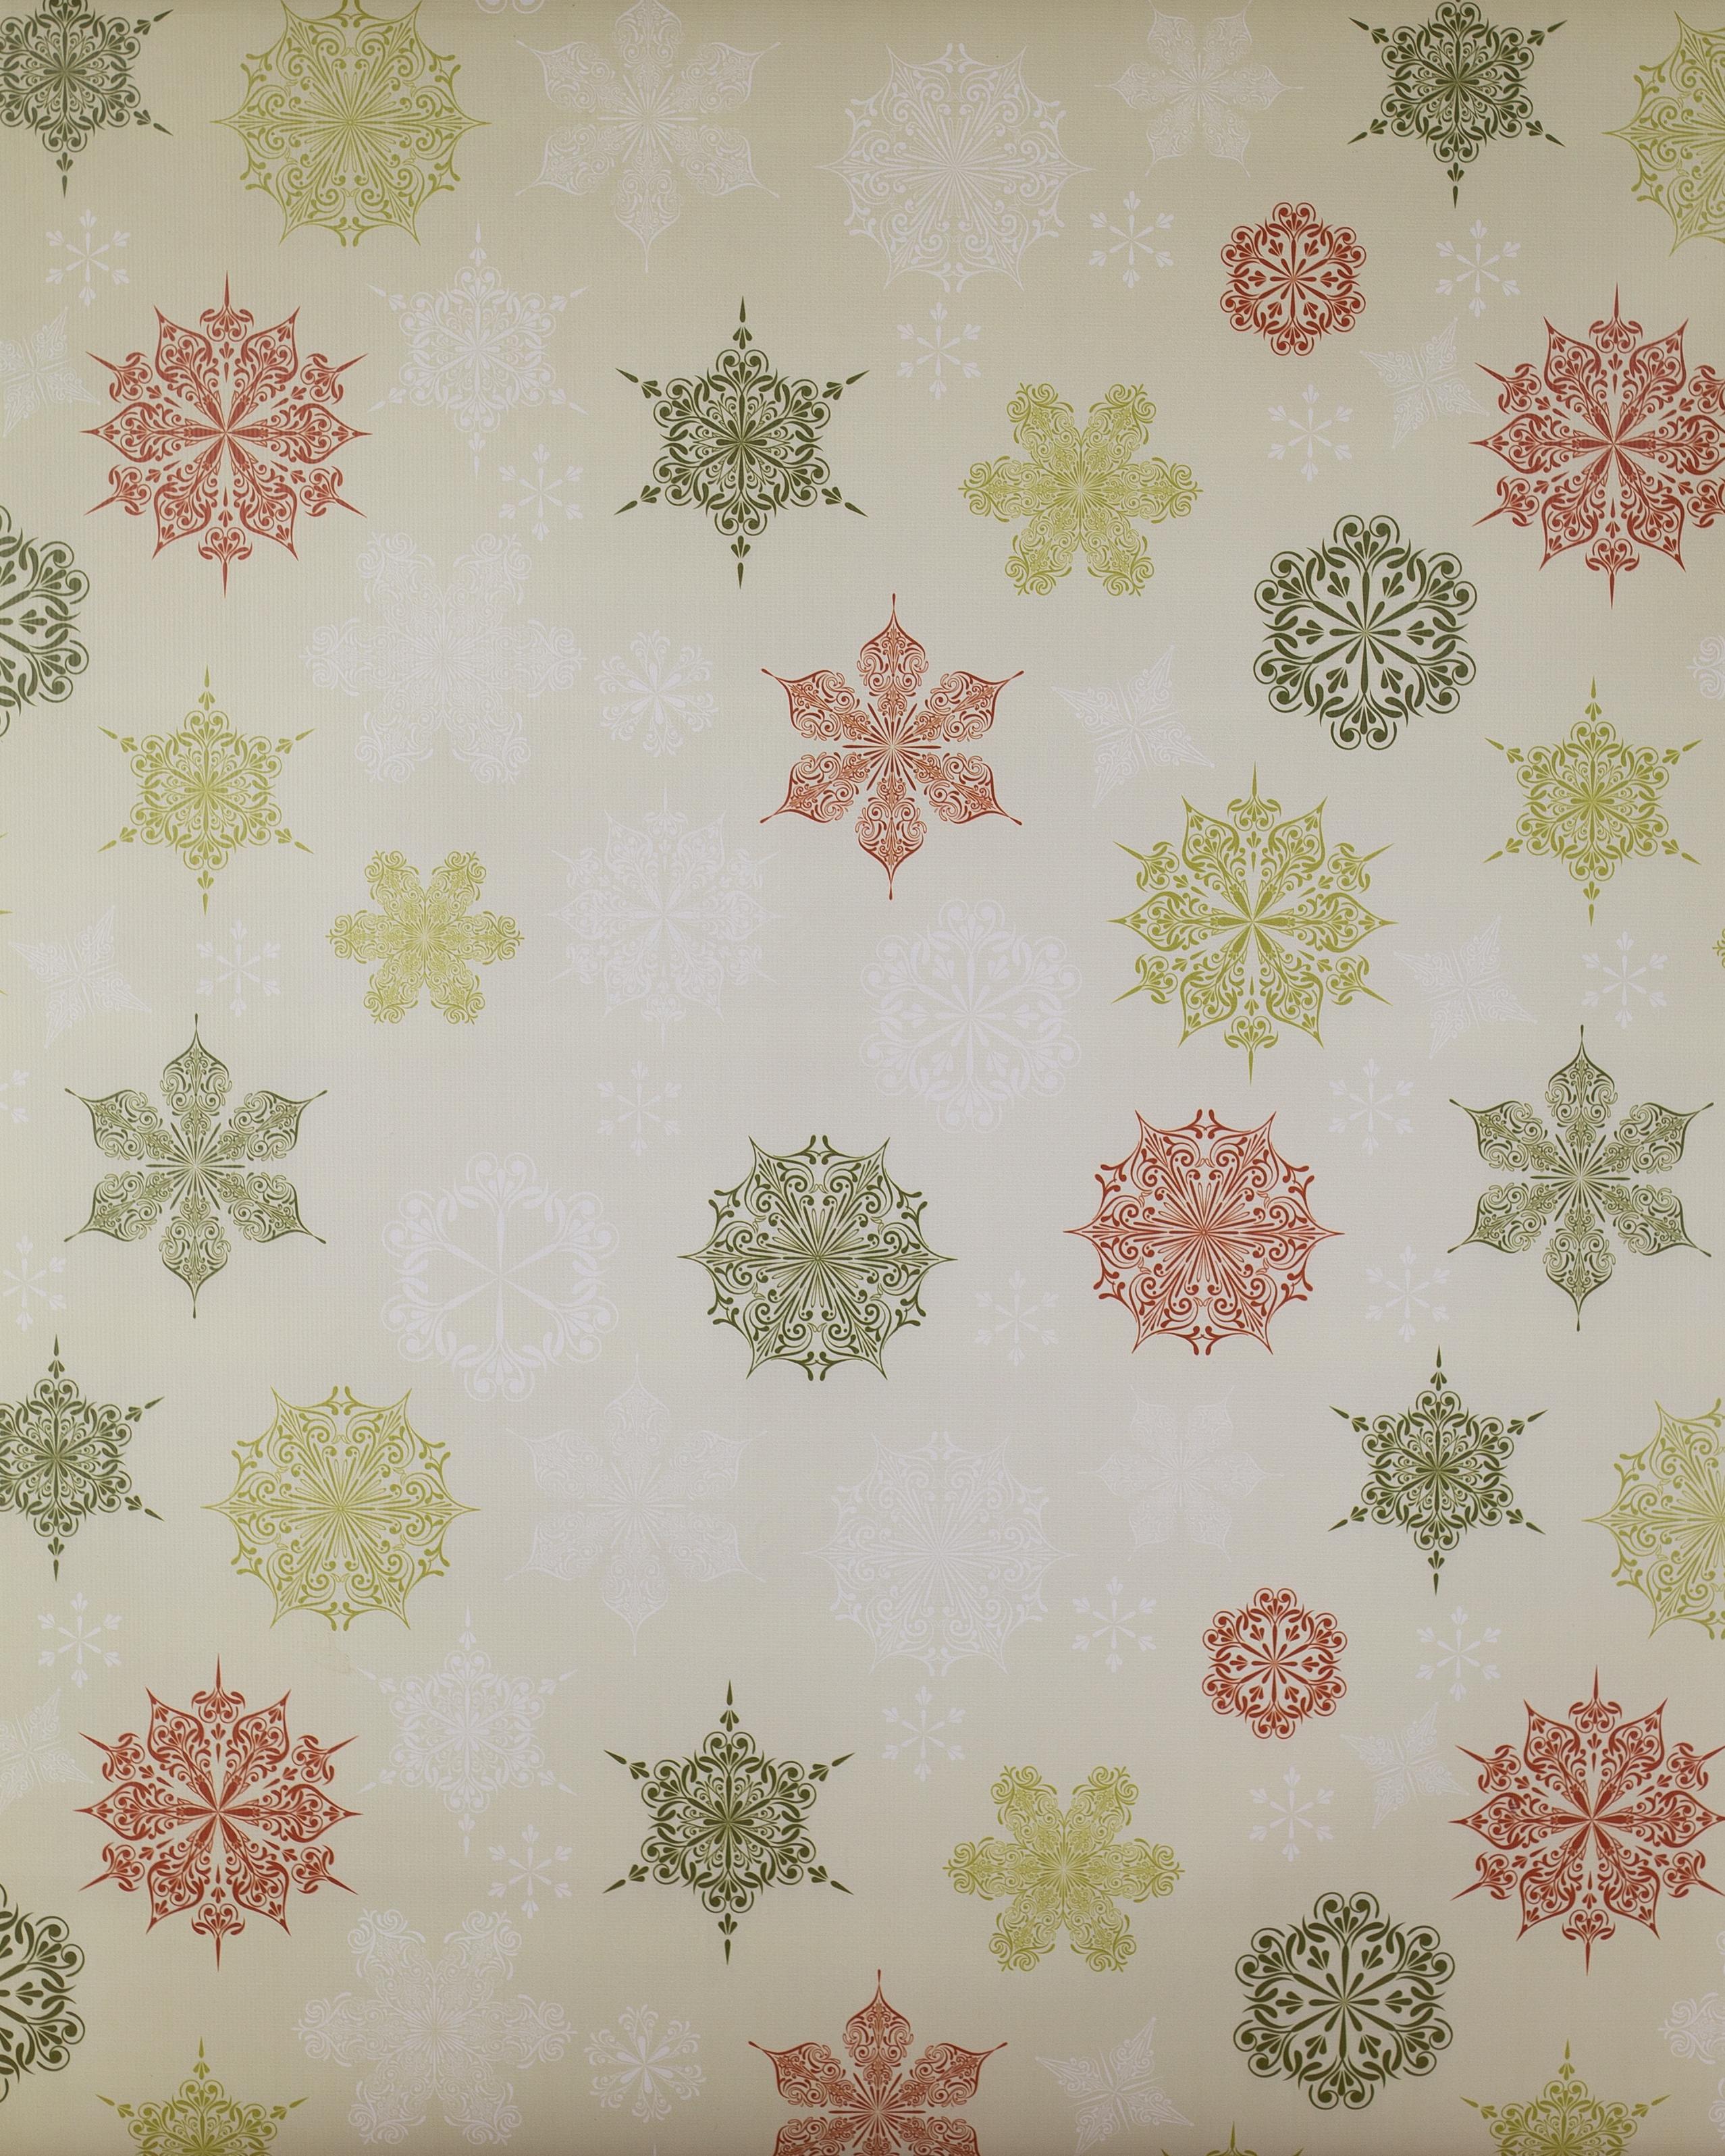 W-7 Snowflake Pattern